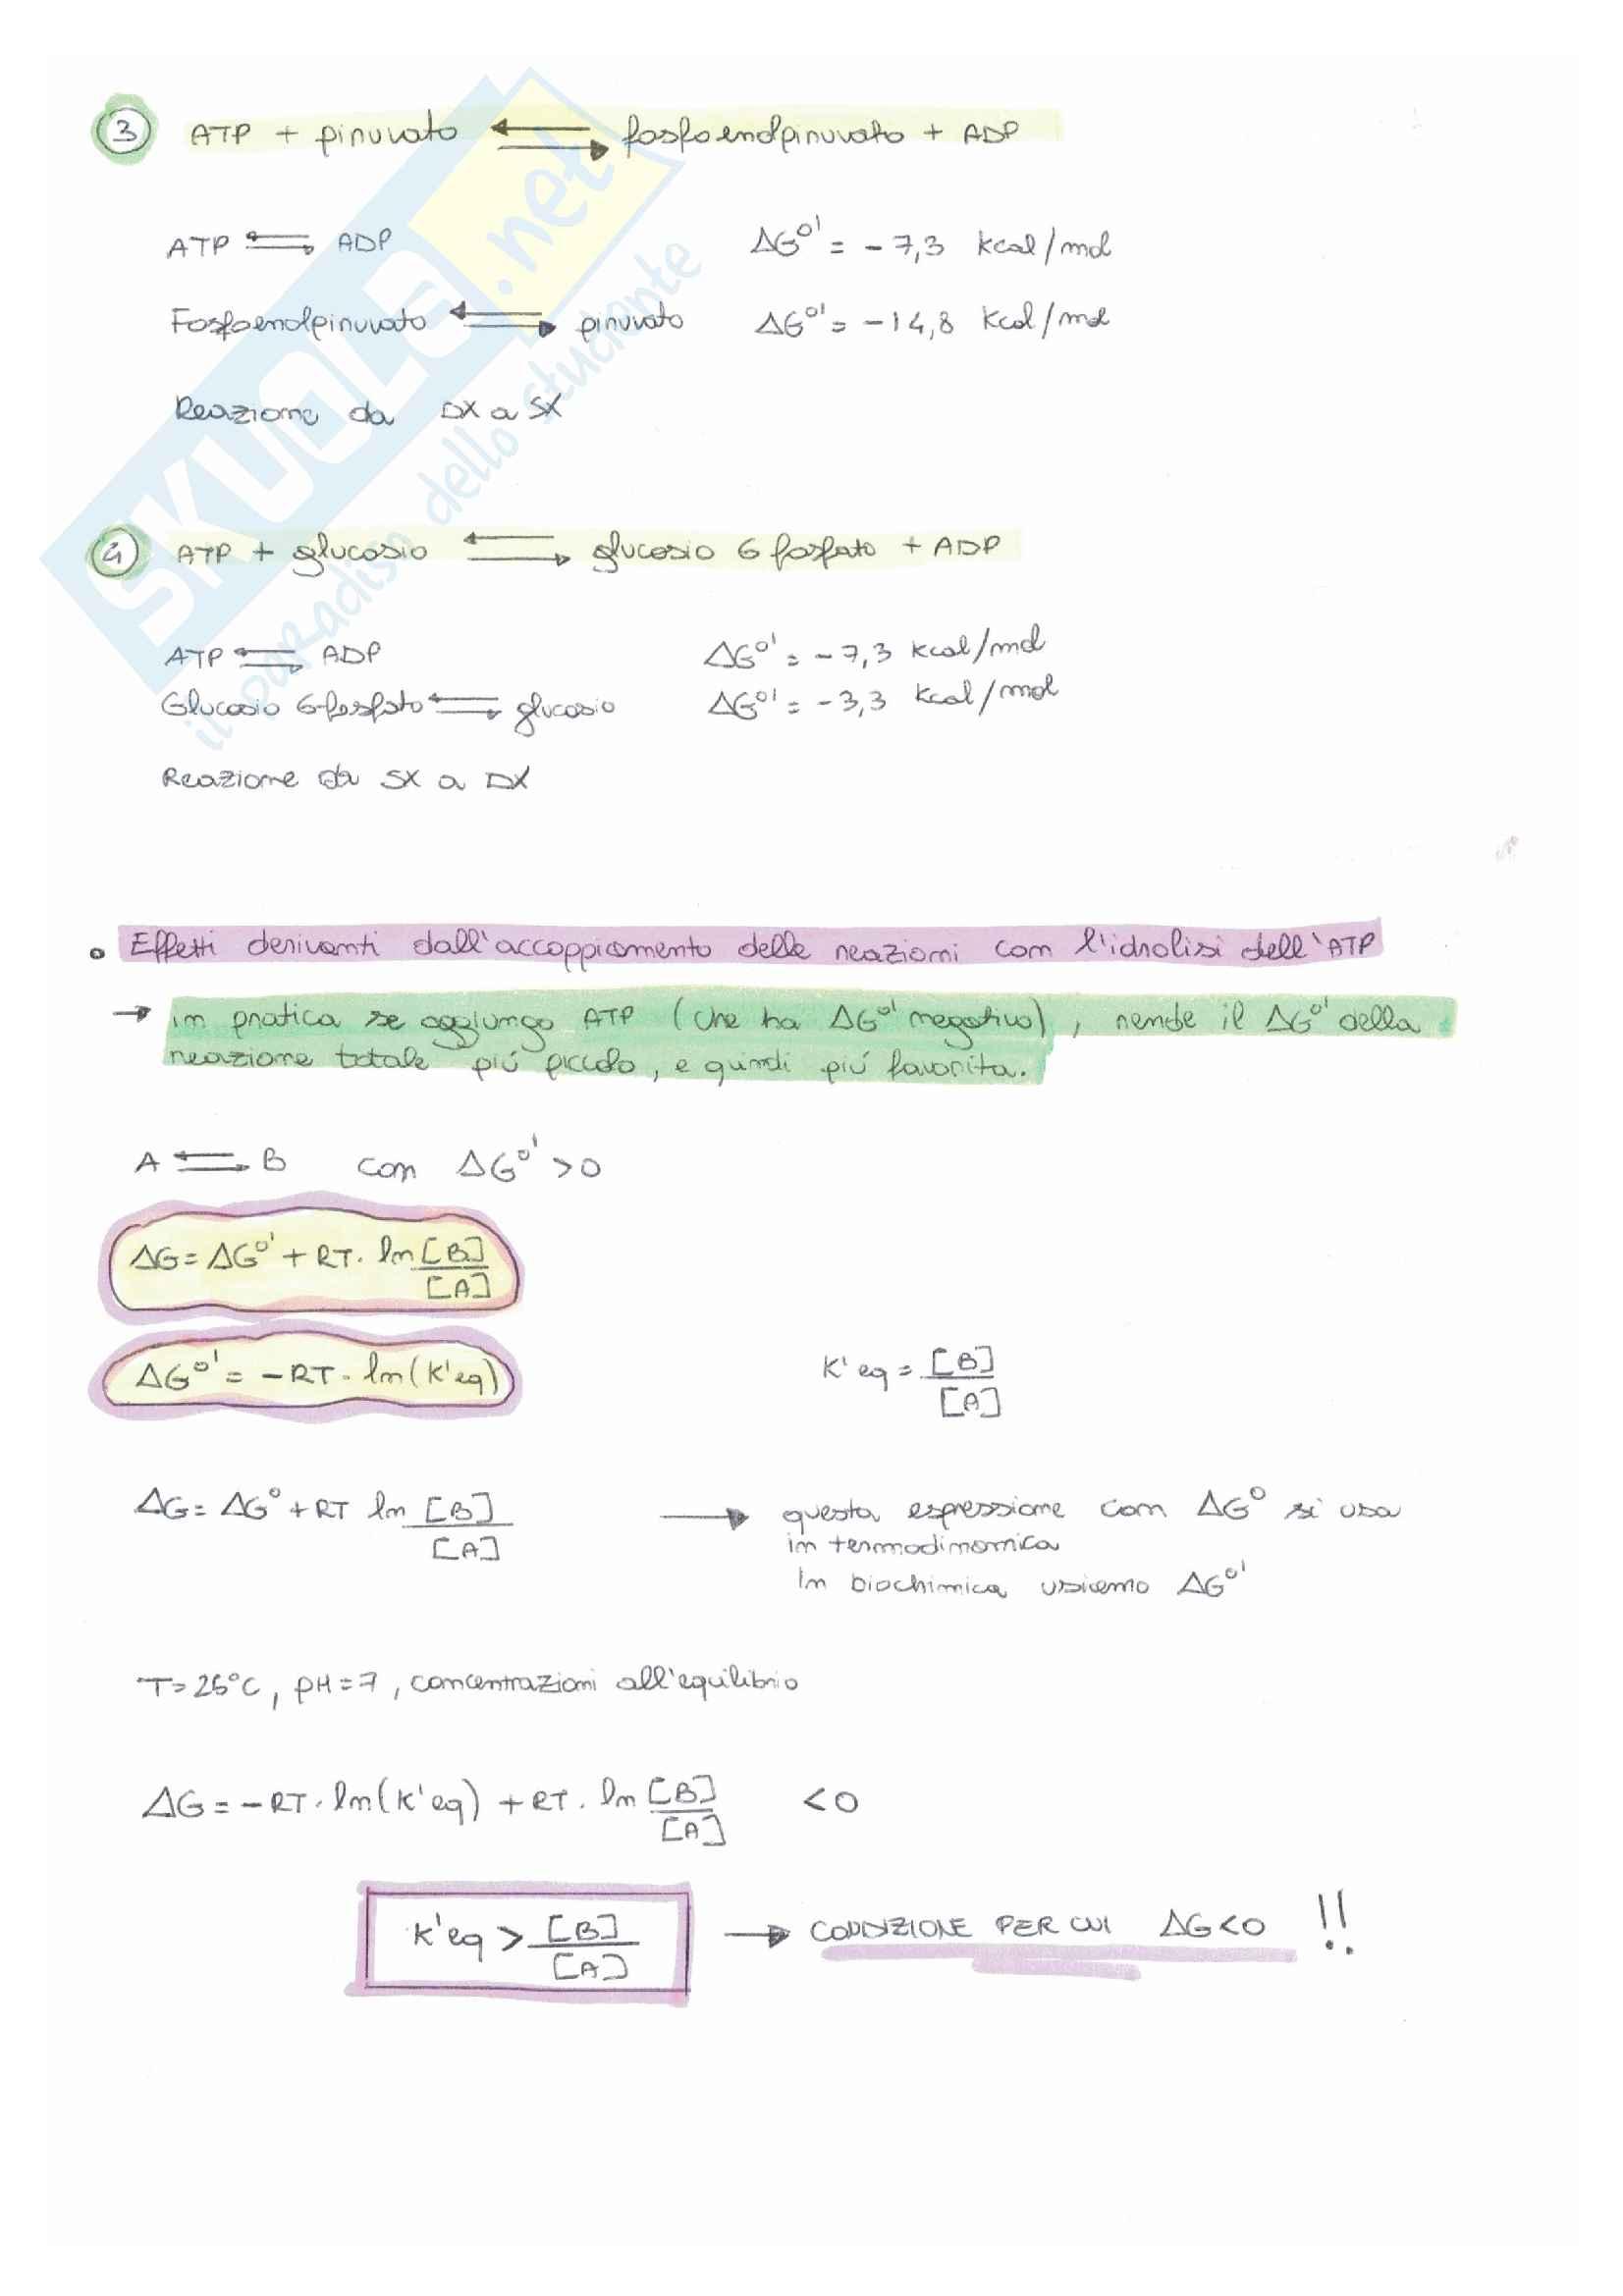 Bioingegneria chimica: esercitazioni e temi d'esame